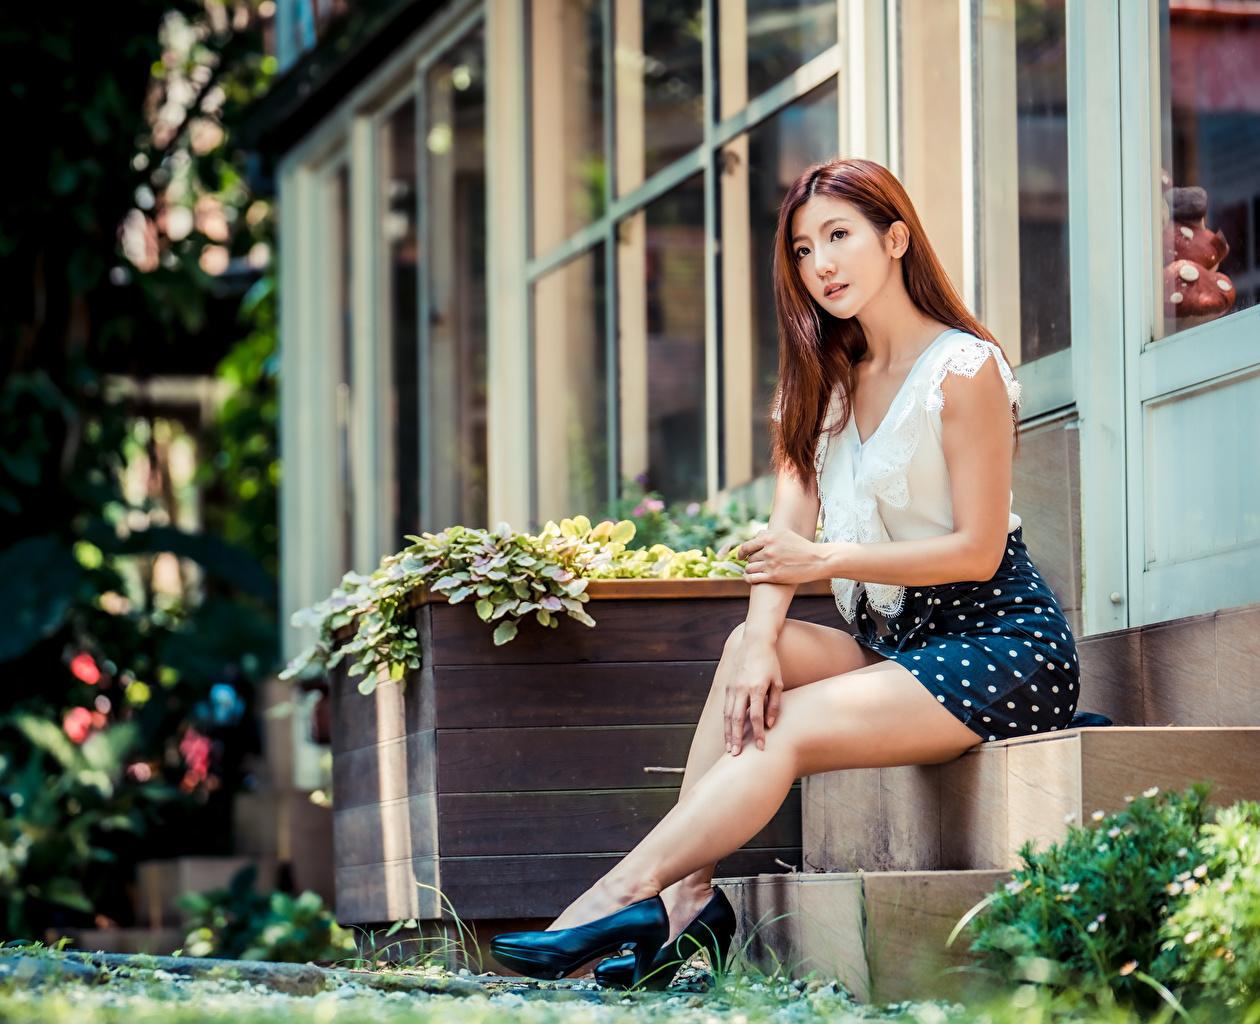 Bilder von Rock Braune Haare Bokeh Bluse Treppen junge frau Bein asiatisches sitzt High Heels Braunhaarige unscharfer Hintergrund Treppe Stiege Mädchens junge Frauen Asiaten Asiatische sitzen Sitzend Stöckelschuh